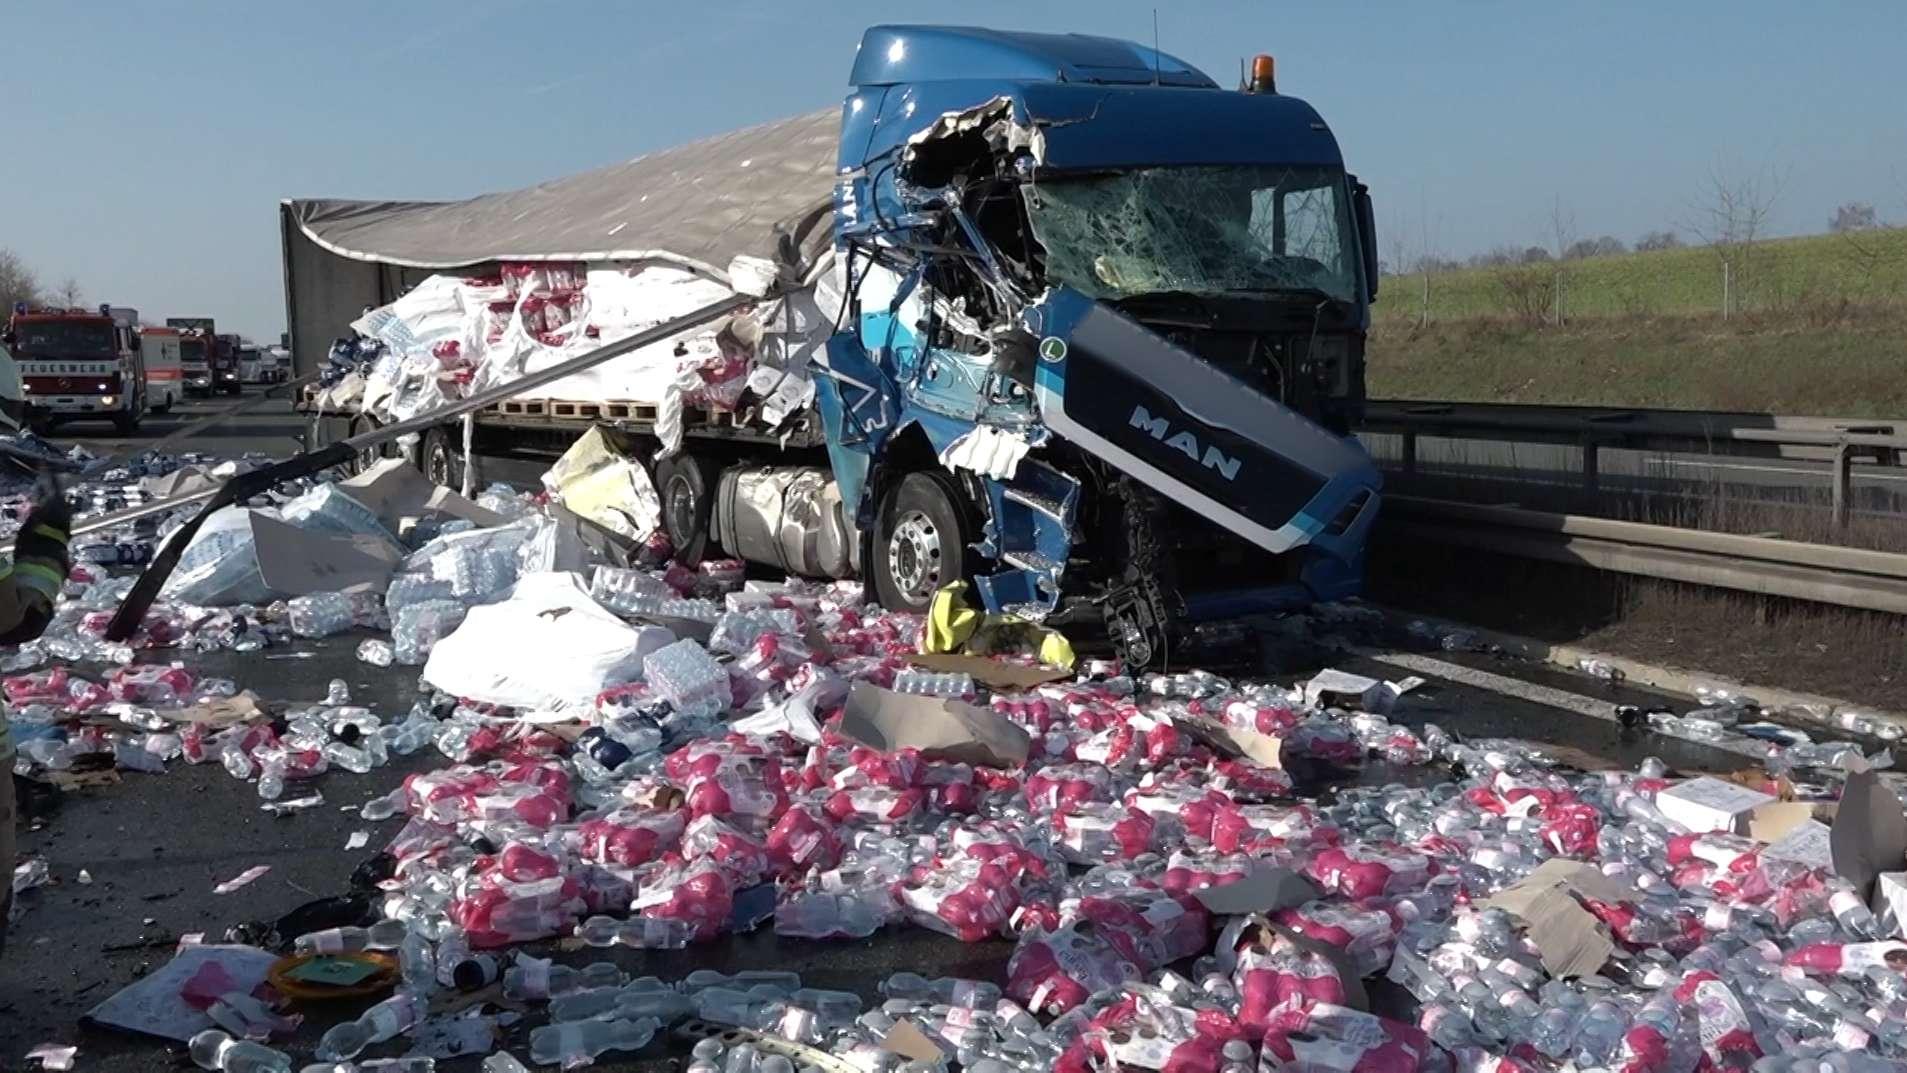 Auf der A9 bei Münchberg ist ein LKW in einen Sicherungsanhänger der Autobahnmeisterei geprallt und hat dabei große Teile seiner Ladung verloren.